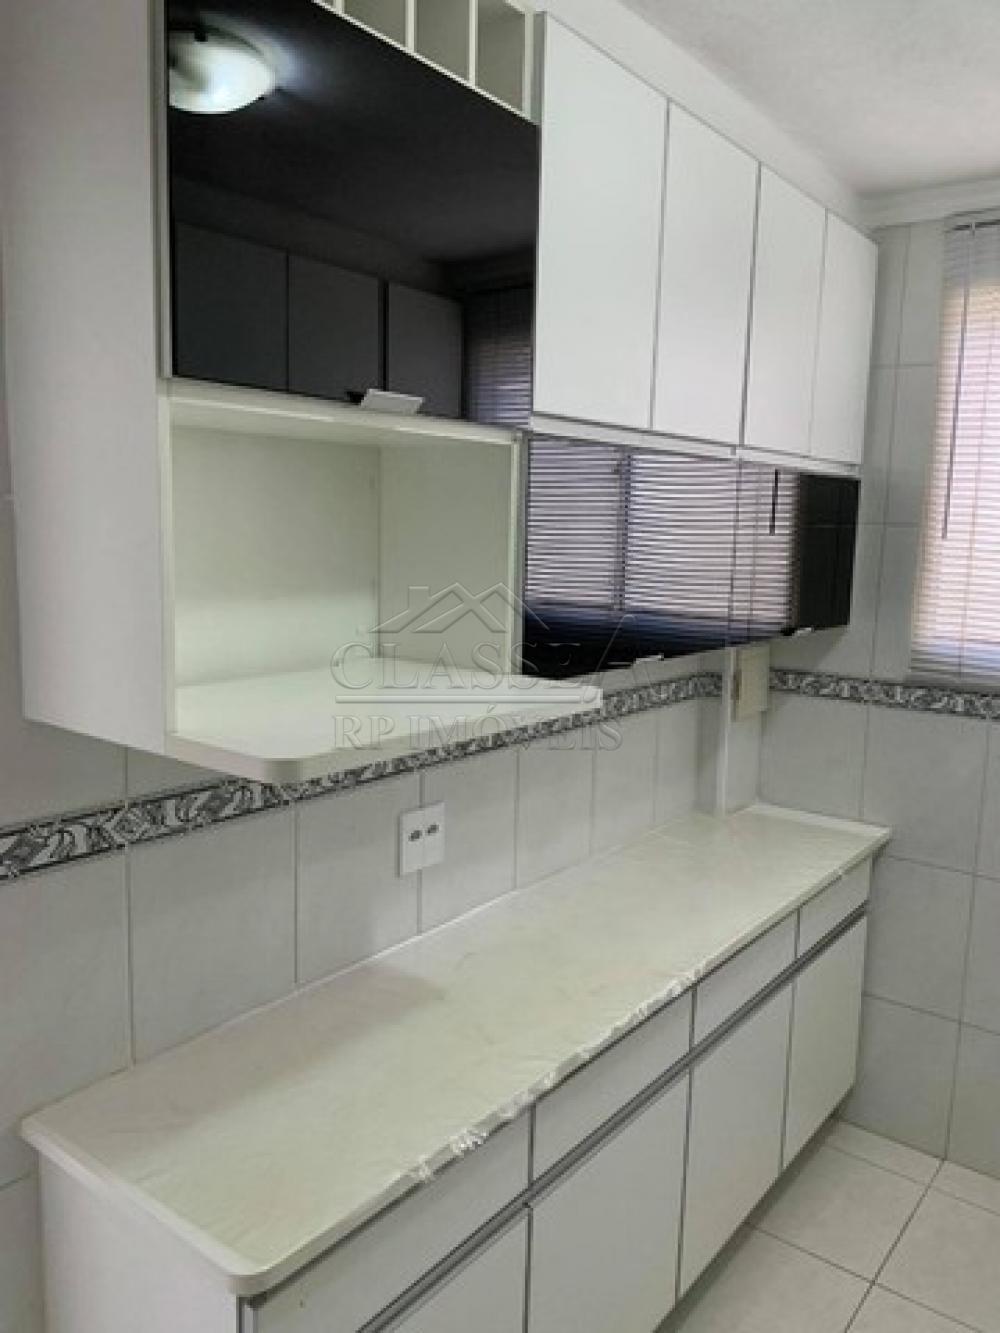 Comprar Apartamento / Cobertura Duplex em Ribeirão Preto R$ 300.000,00 - Foto 4